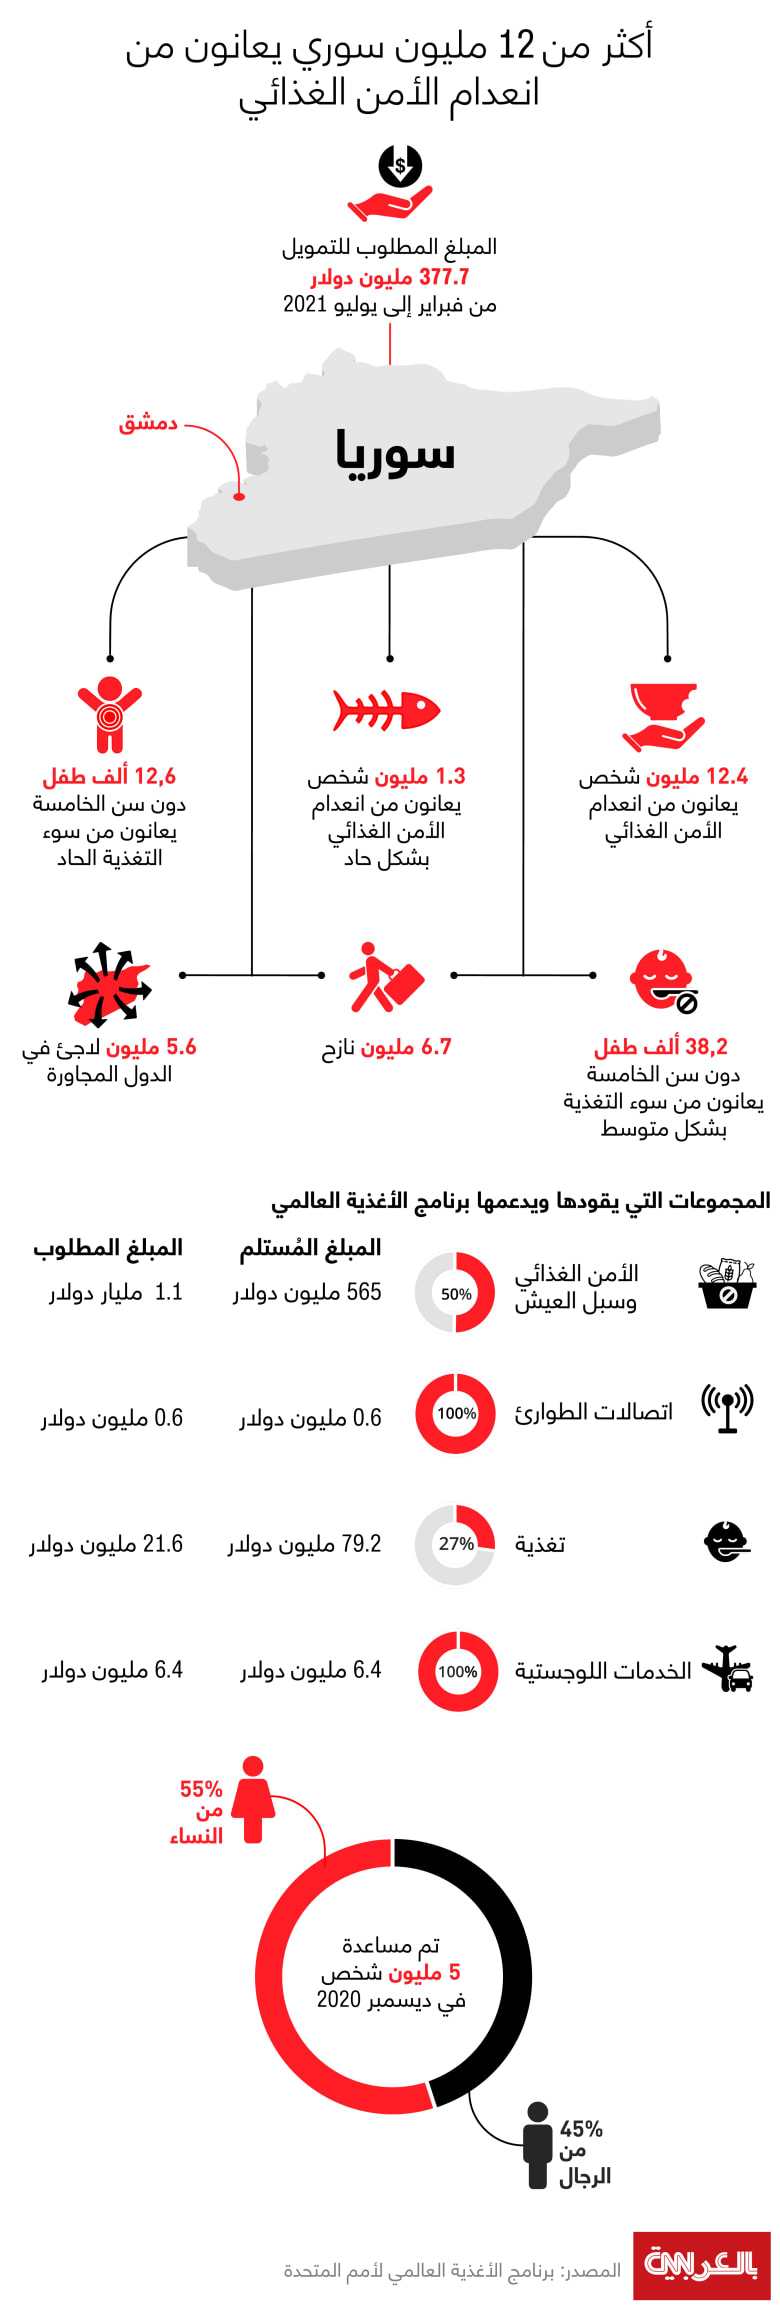 Syria-Food-insecure-emergency-jan-2021